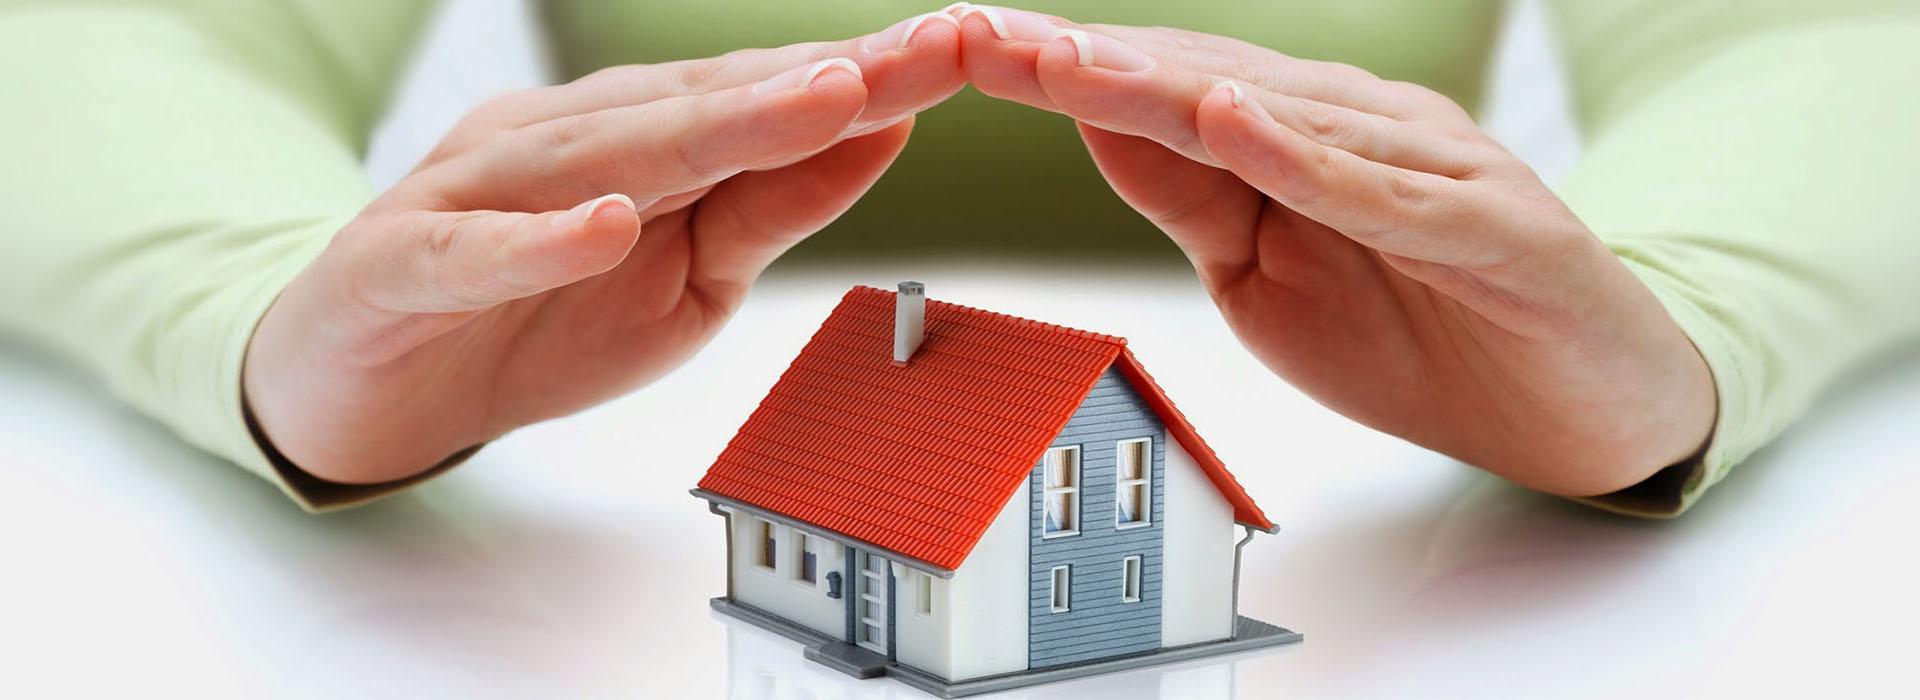 porque en ocasiones es mejor empezar la casa por el tejado